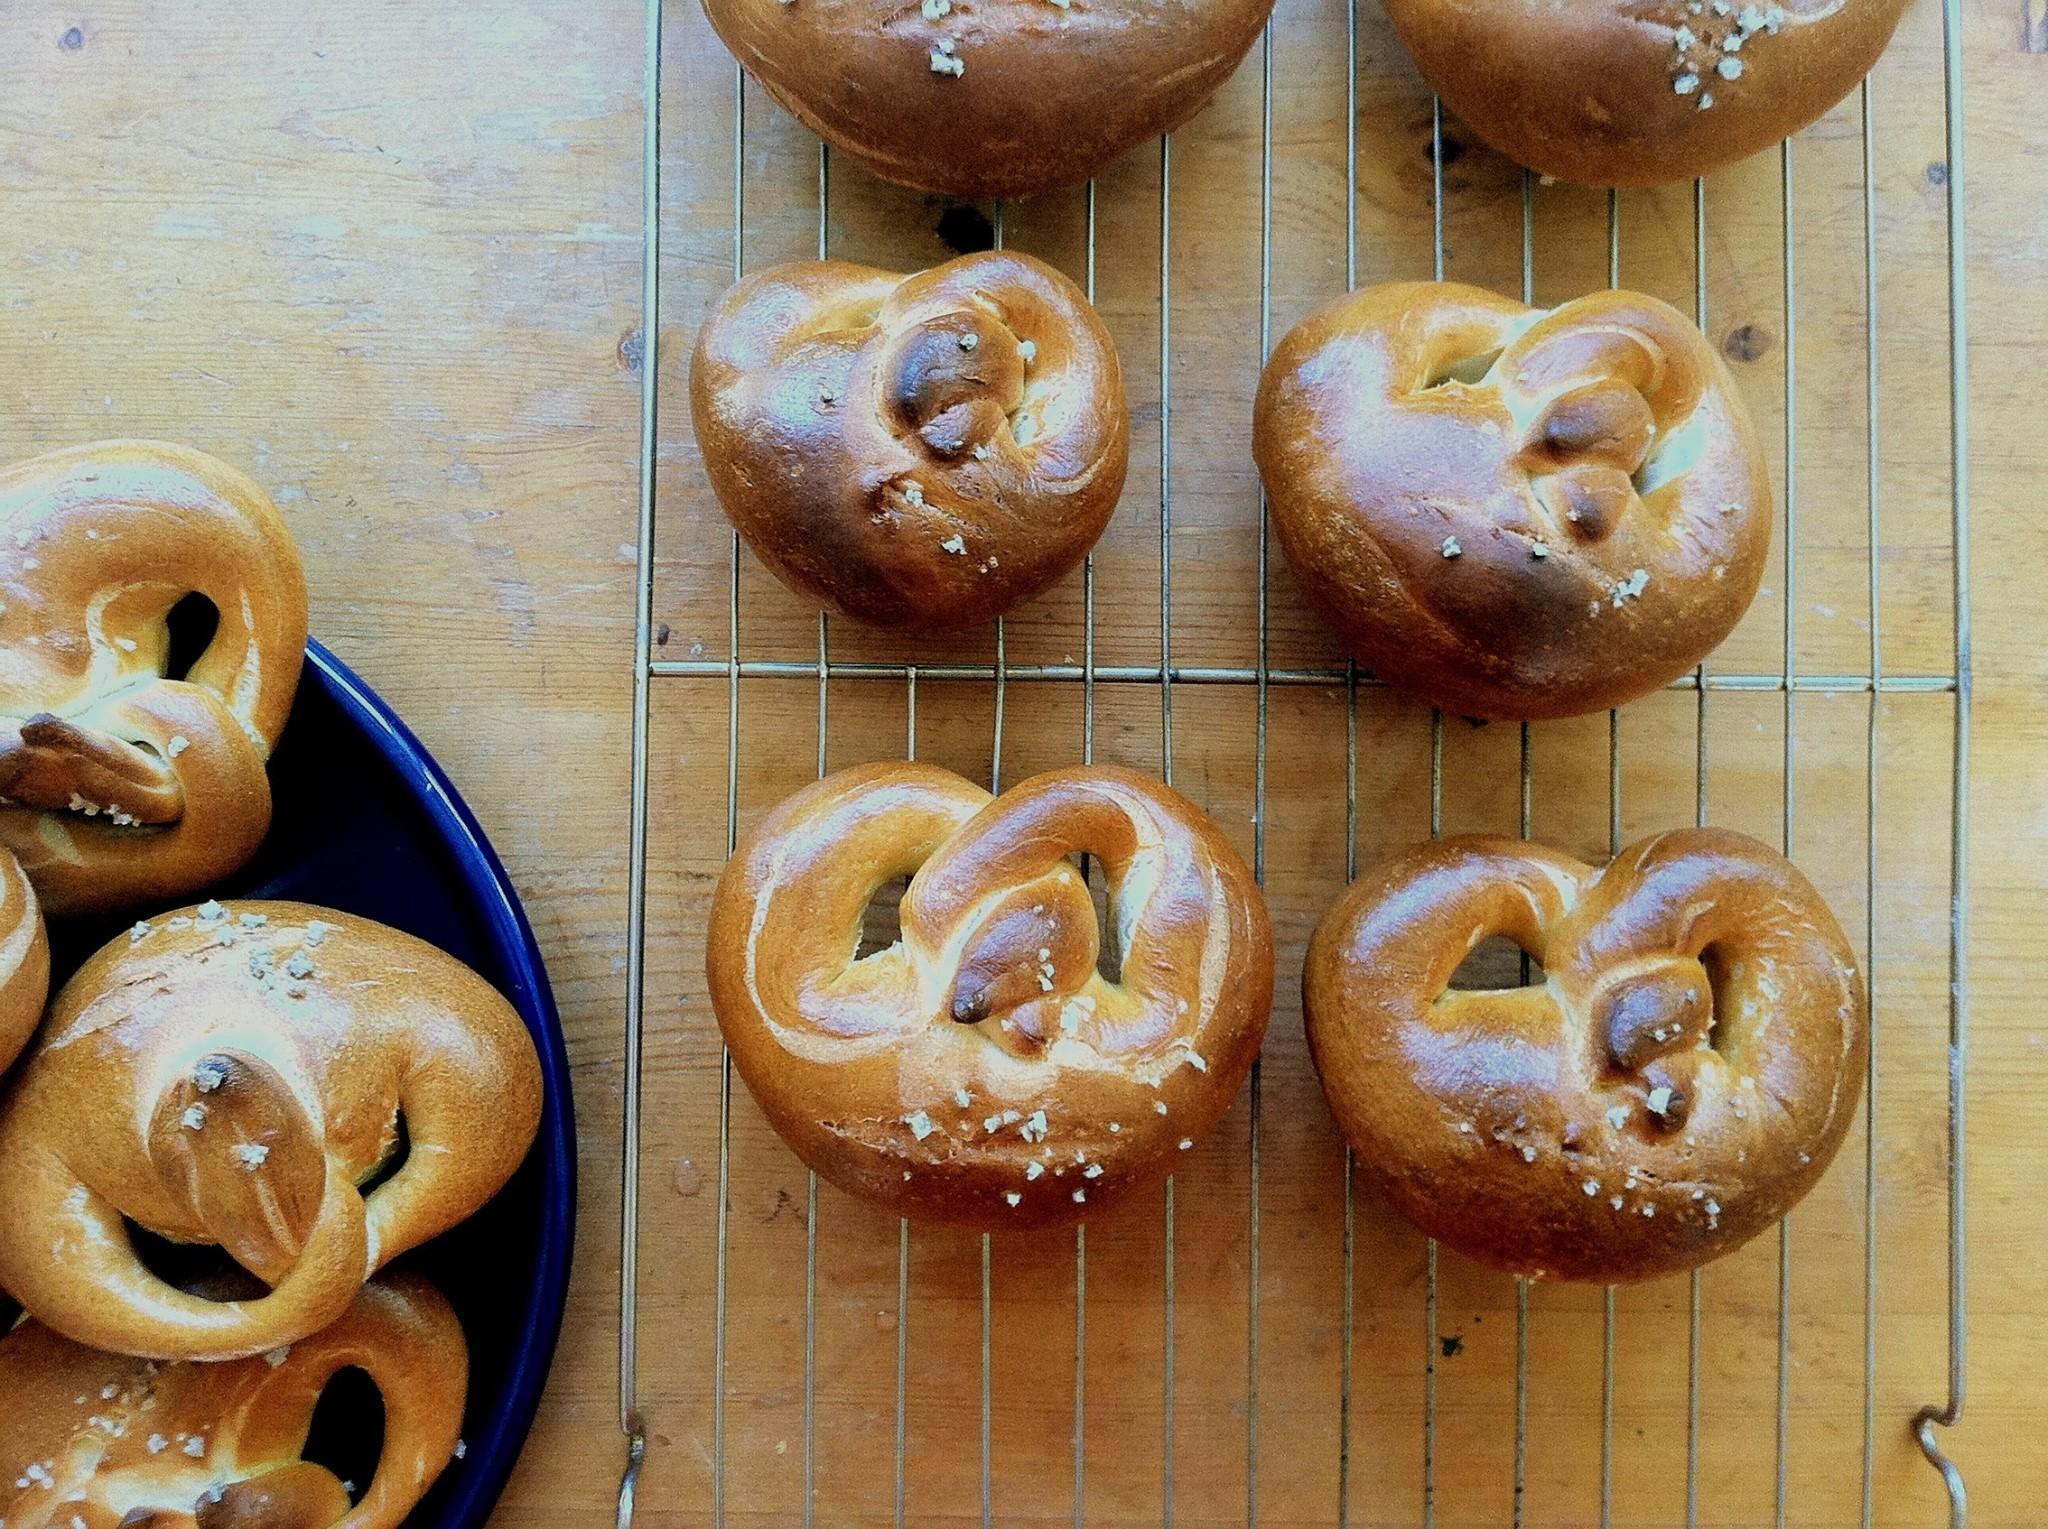 Homemade pretzels on a baking rack.